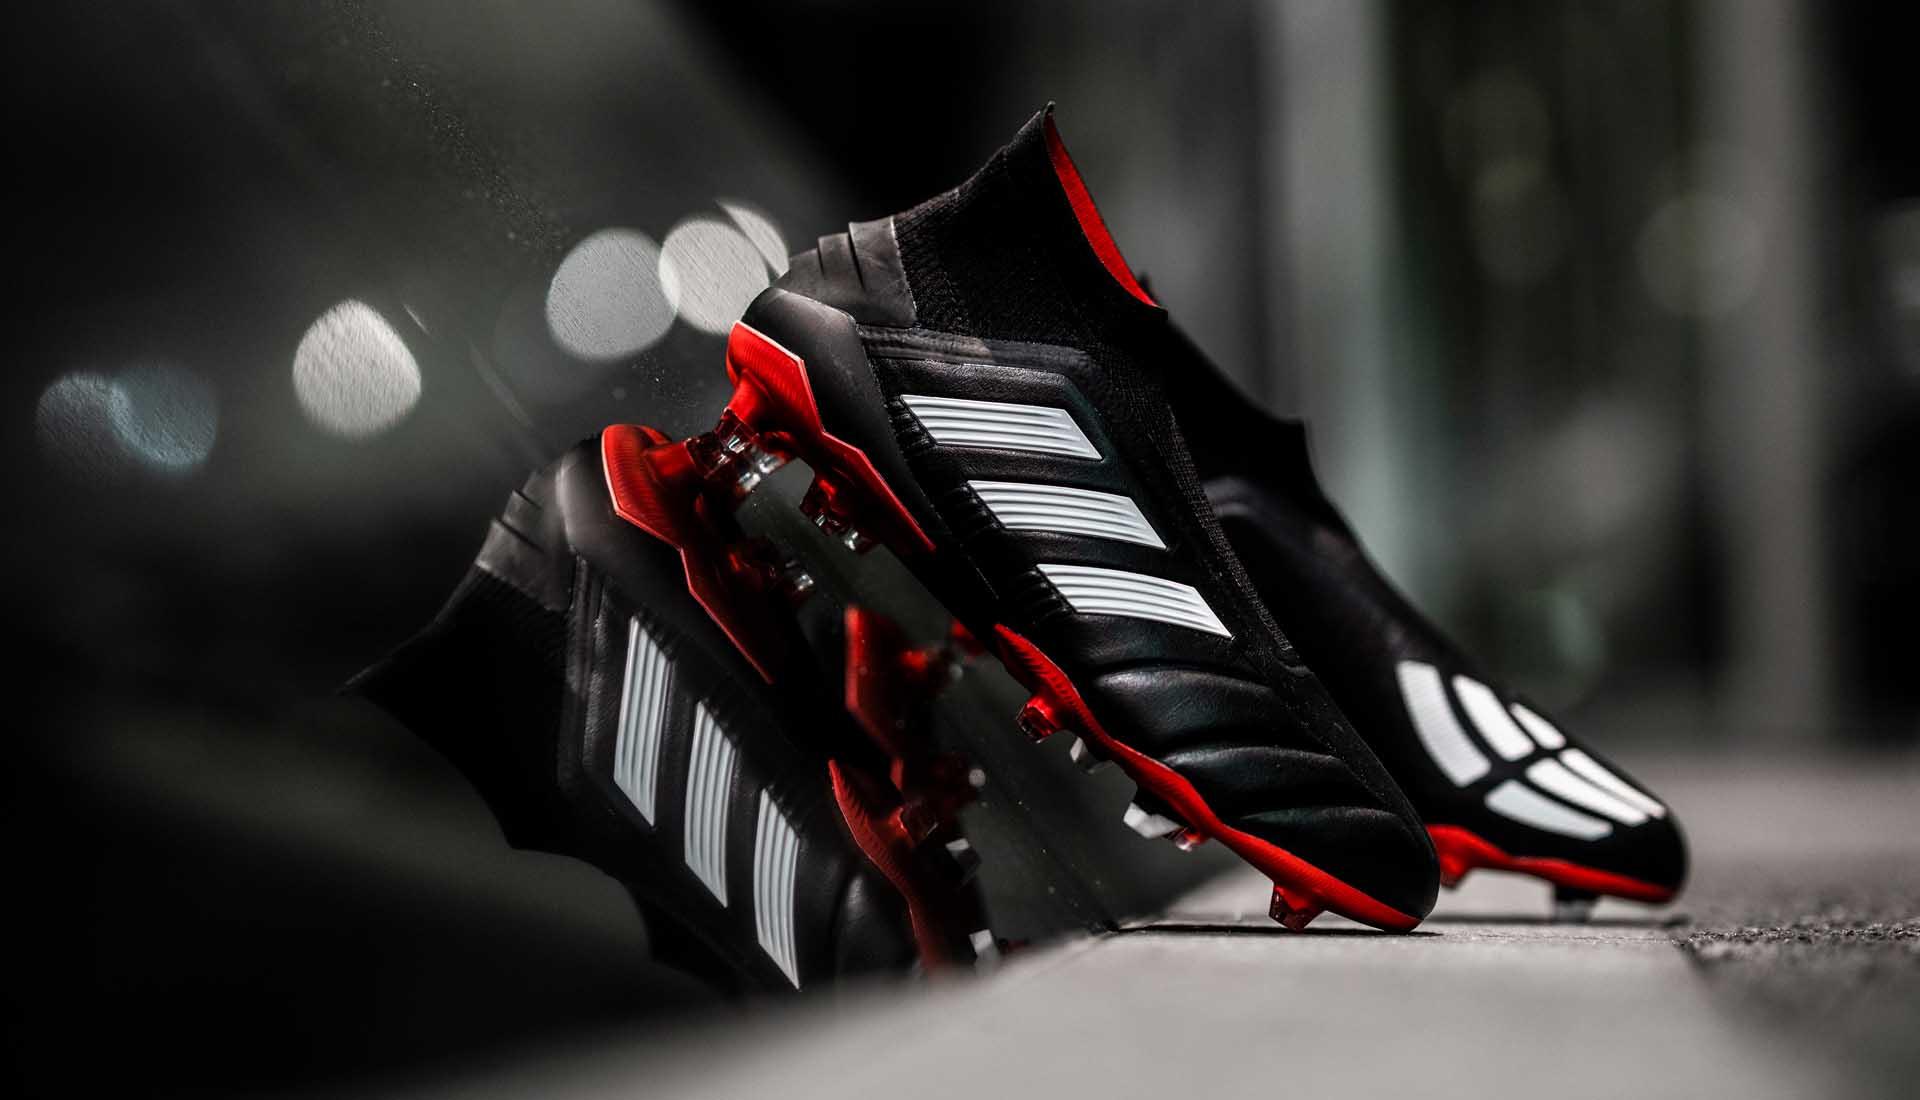 En liquidación correr zapatos super calidad adidas Launch The Predator Mania 19+